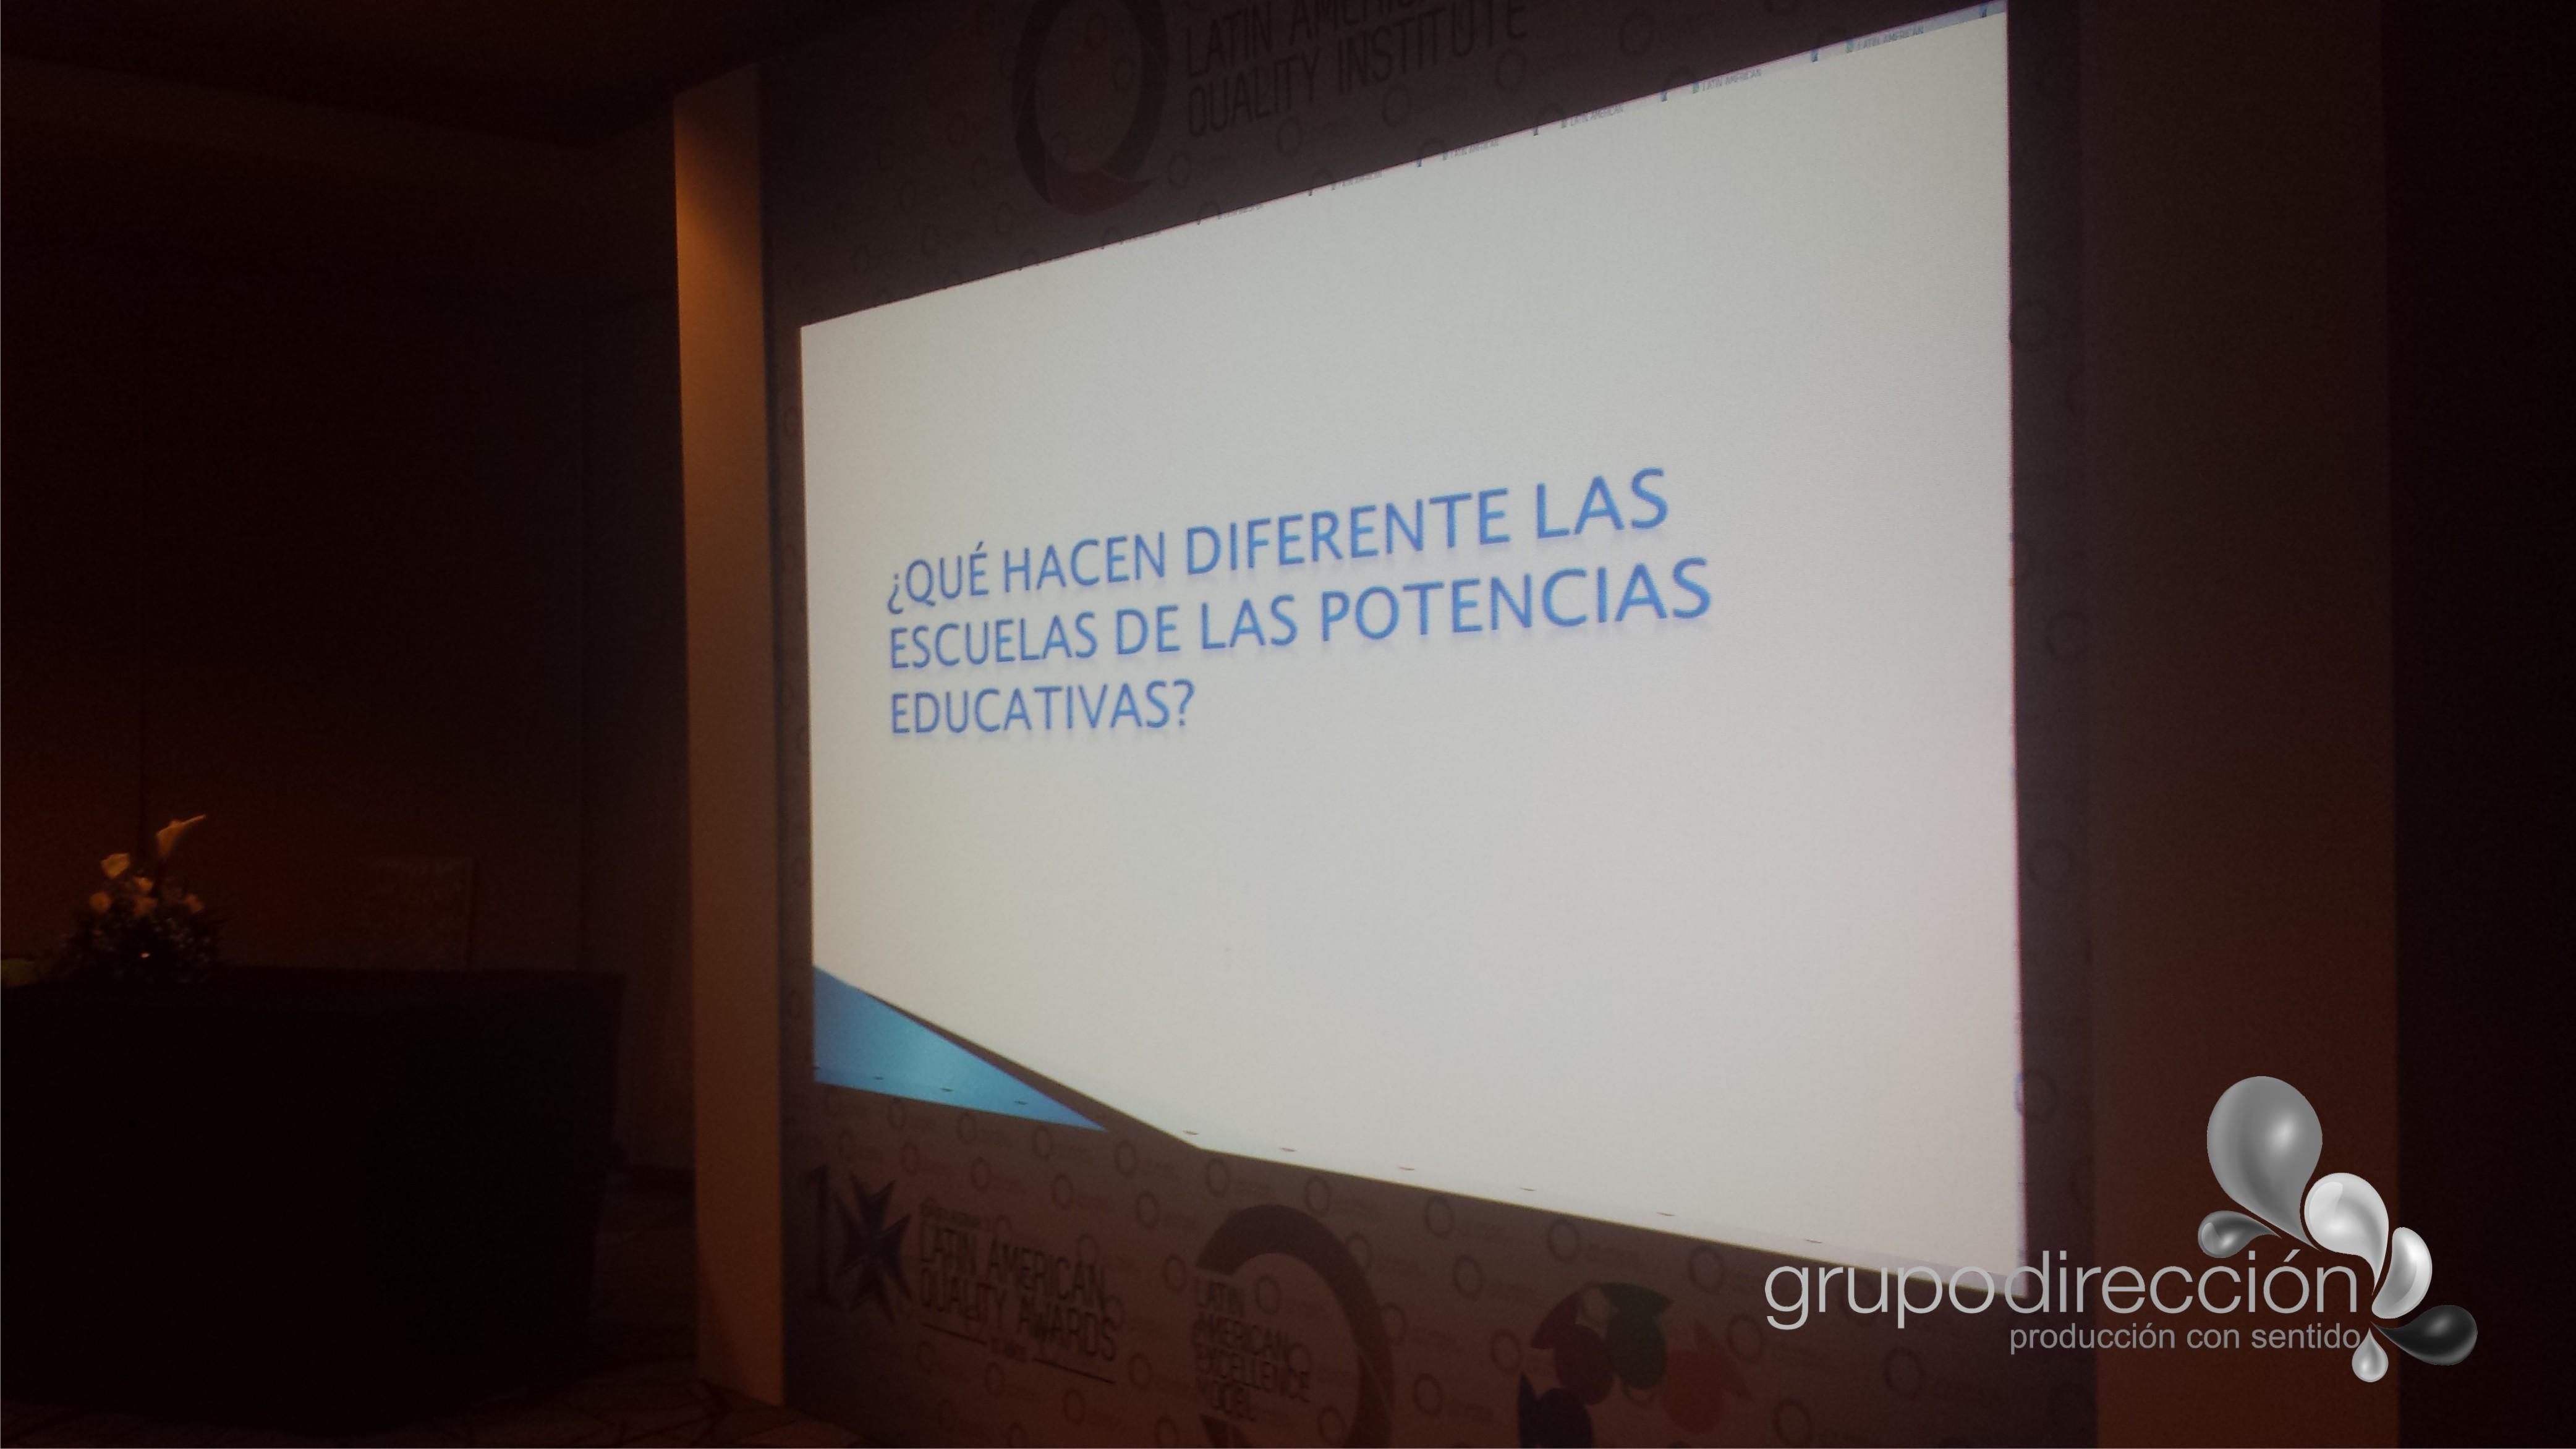 Jesus Rondon Educacion